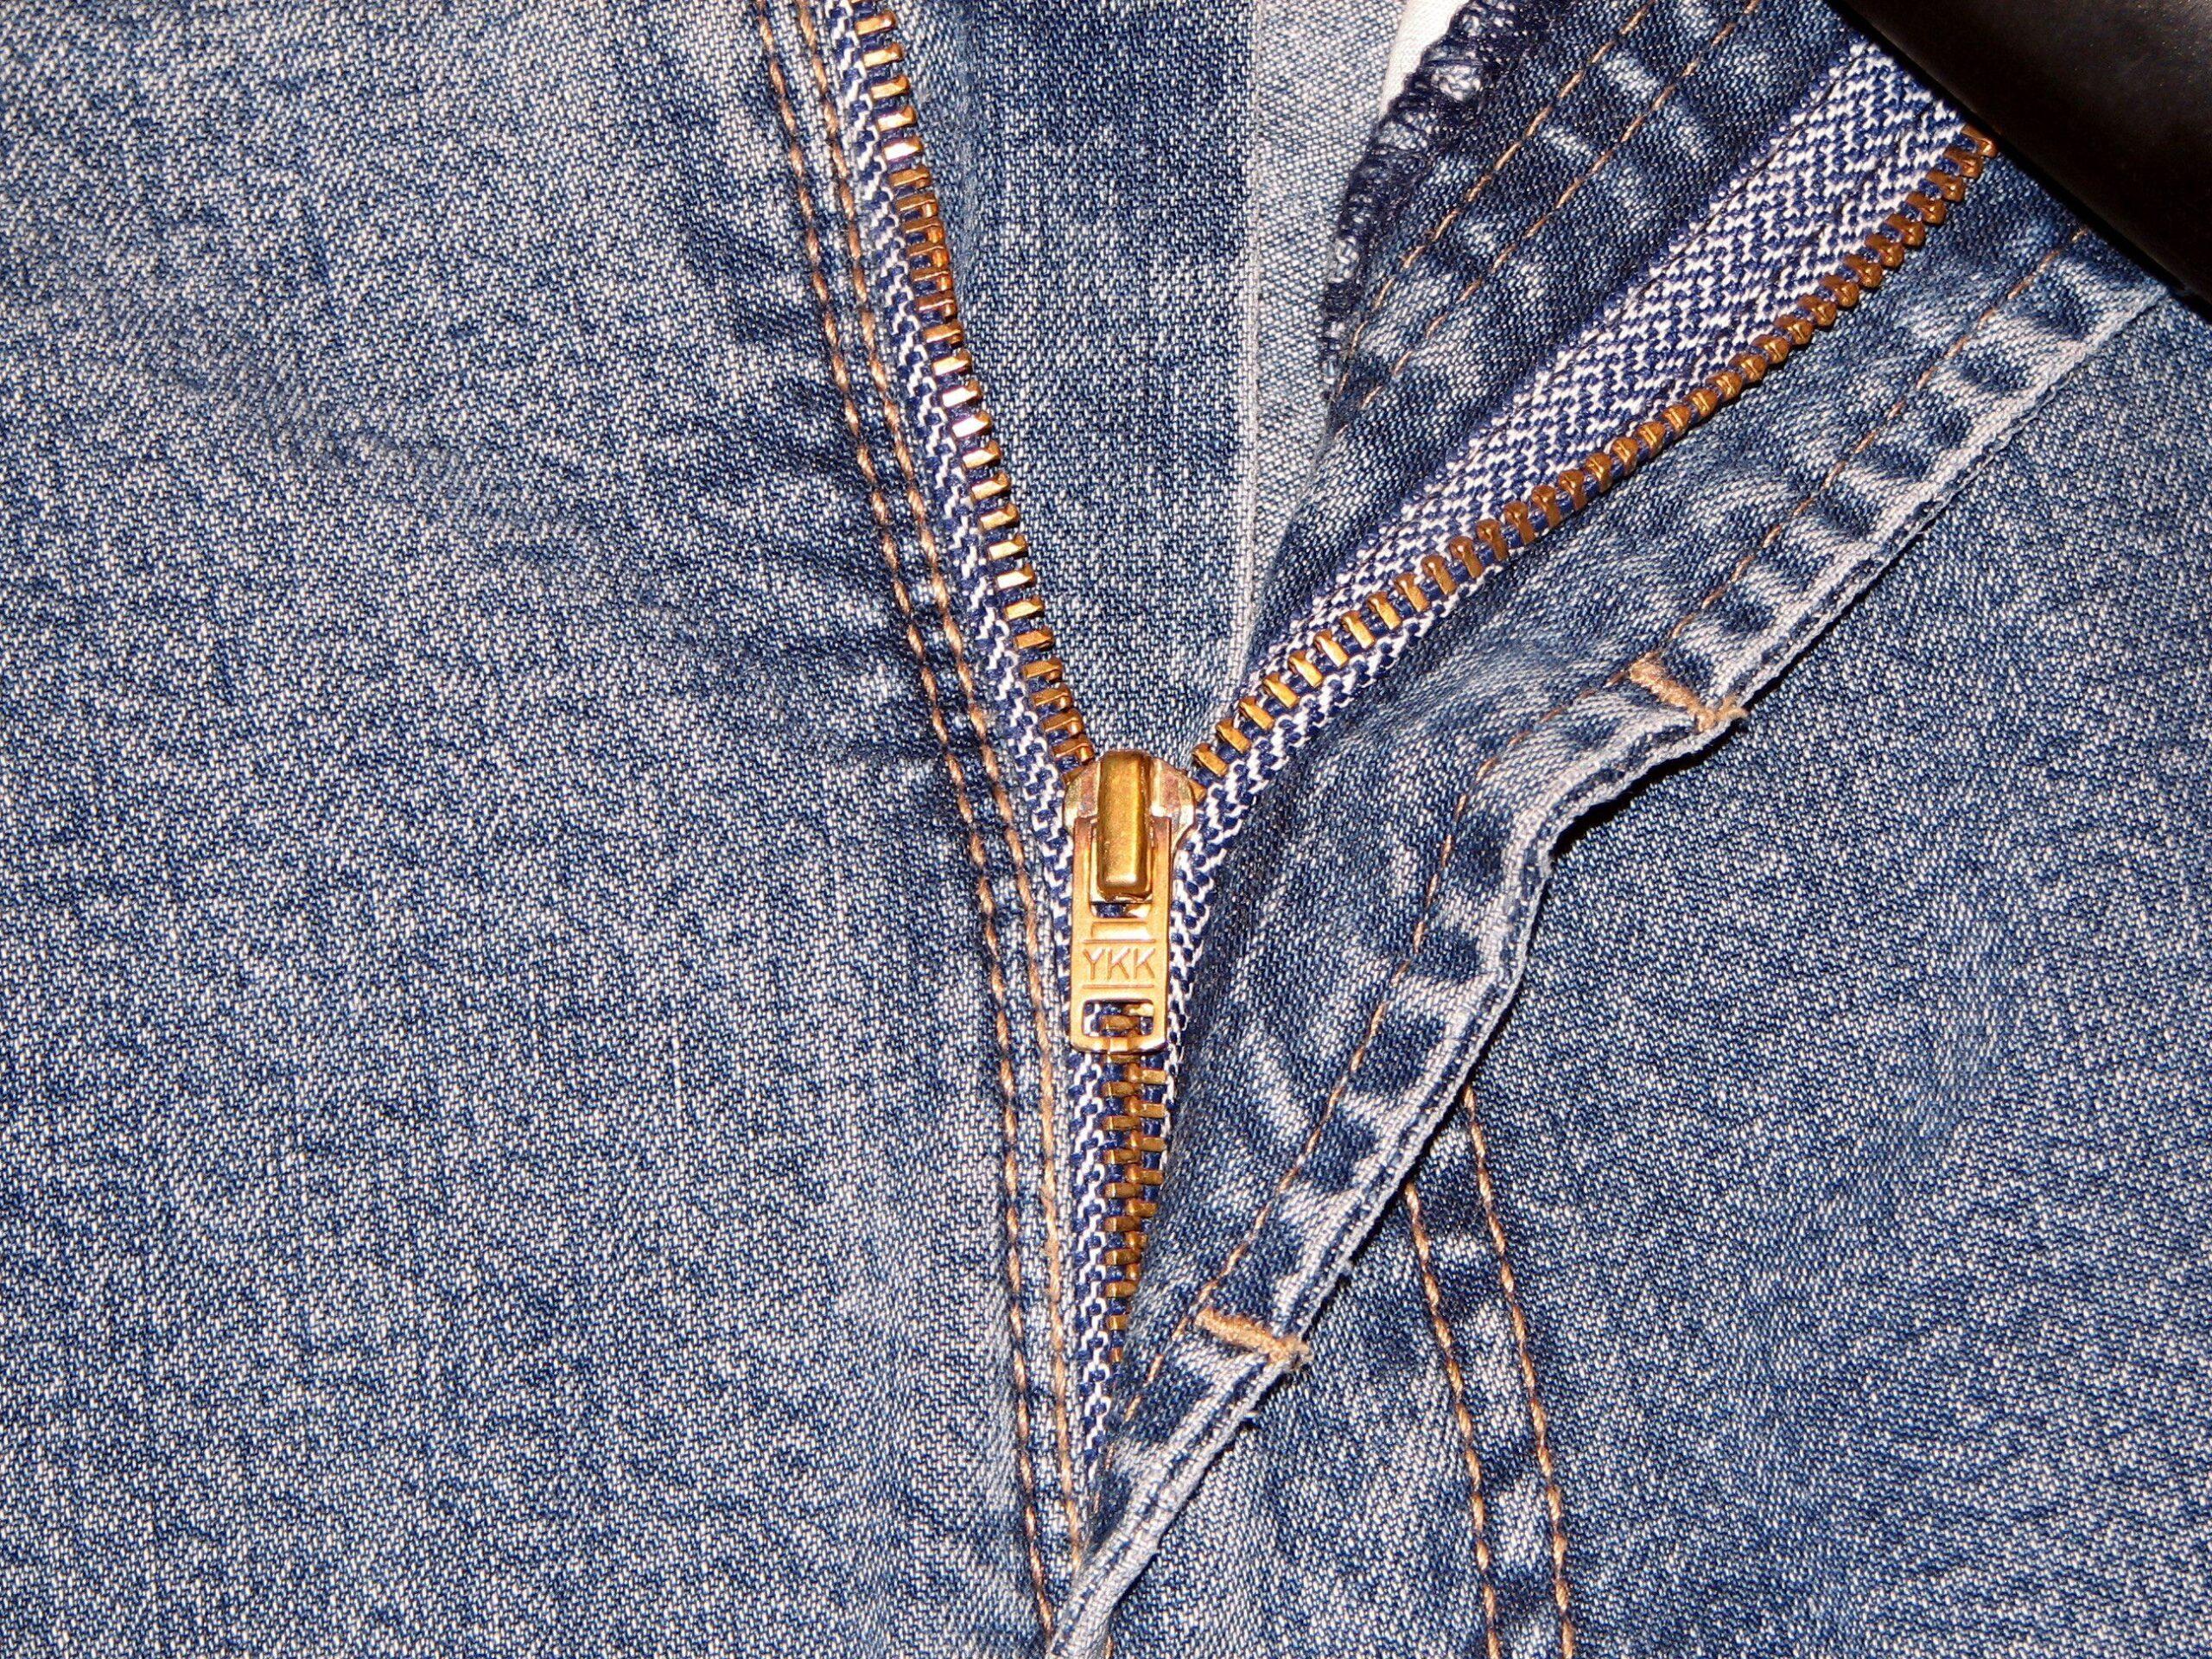 Come riparare la zip dei pantaloni in 5 minuti (video)